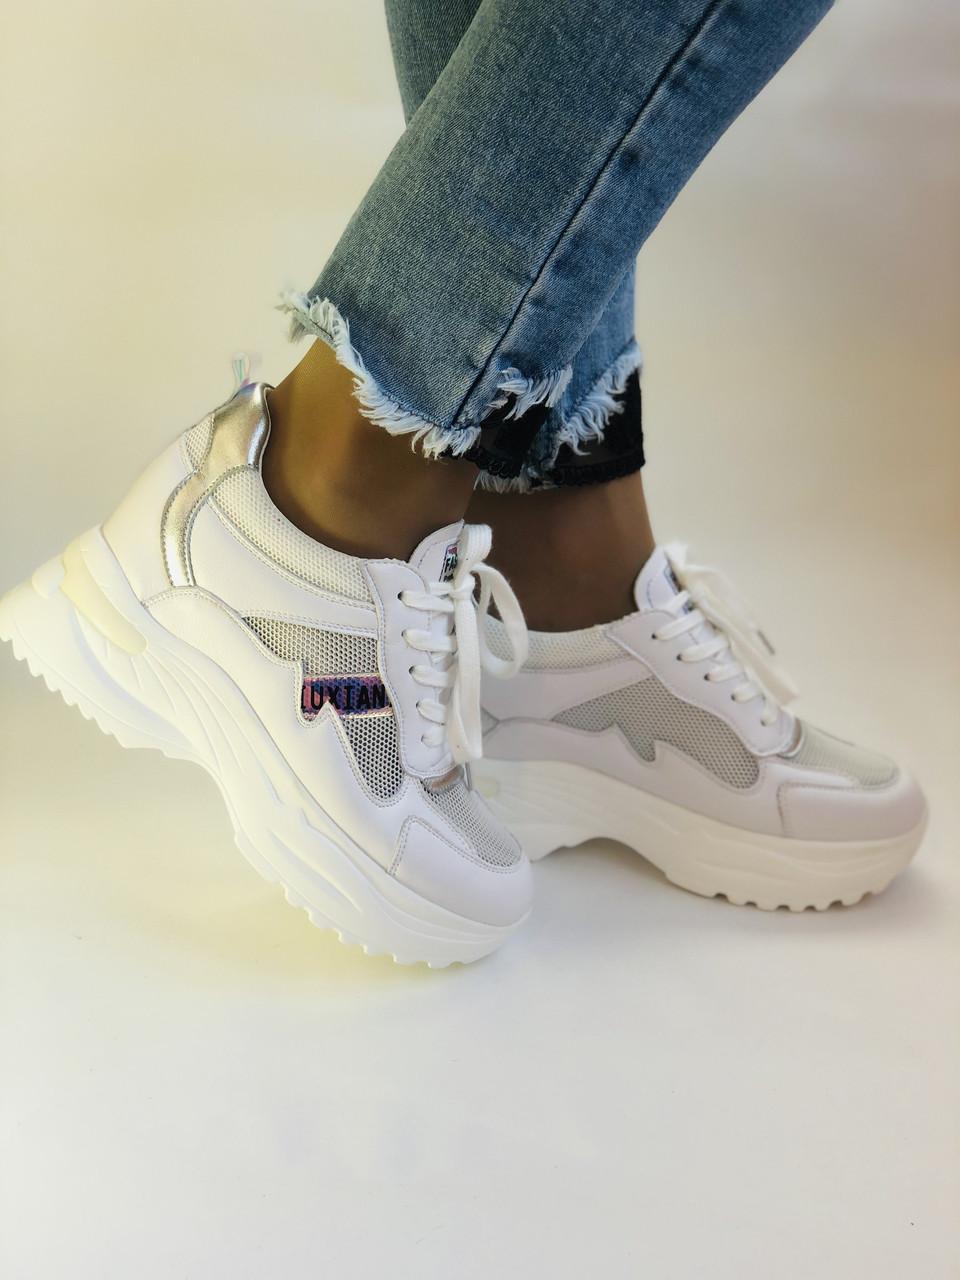 Стильні жіночі кеди-кросівки снікерси. Білі з сіткою.Відмінна якість! 36-39 Vellena